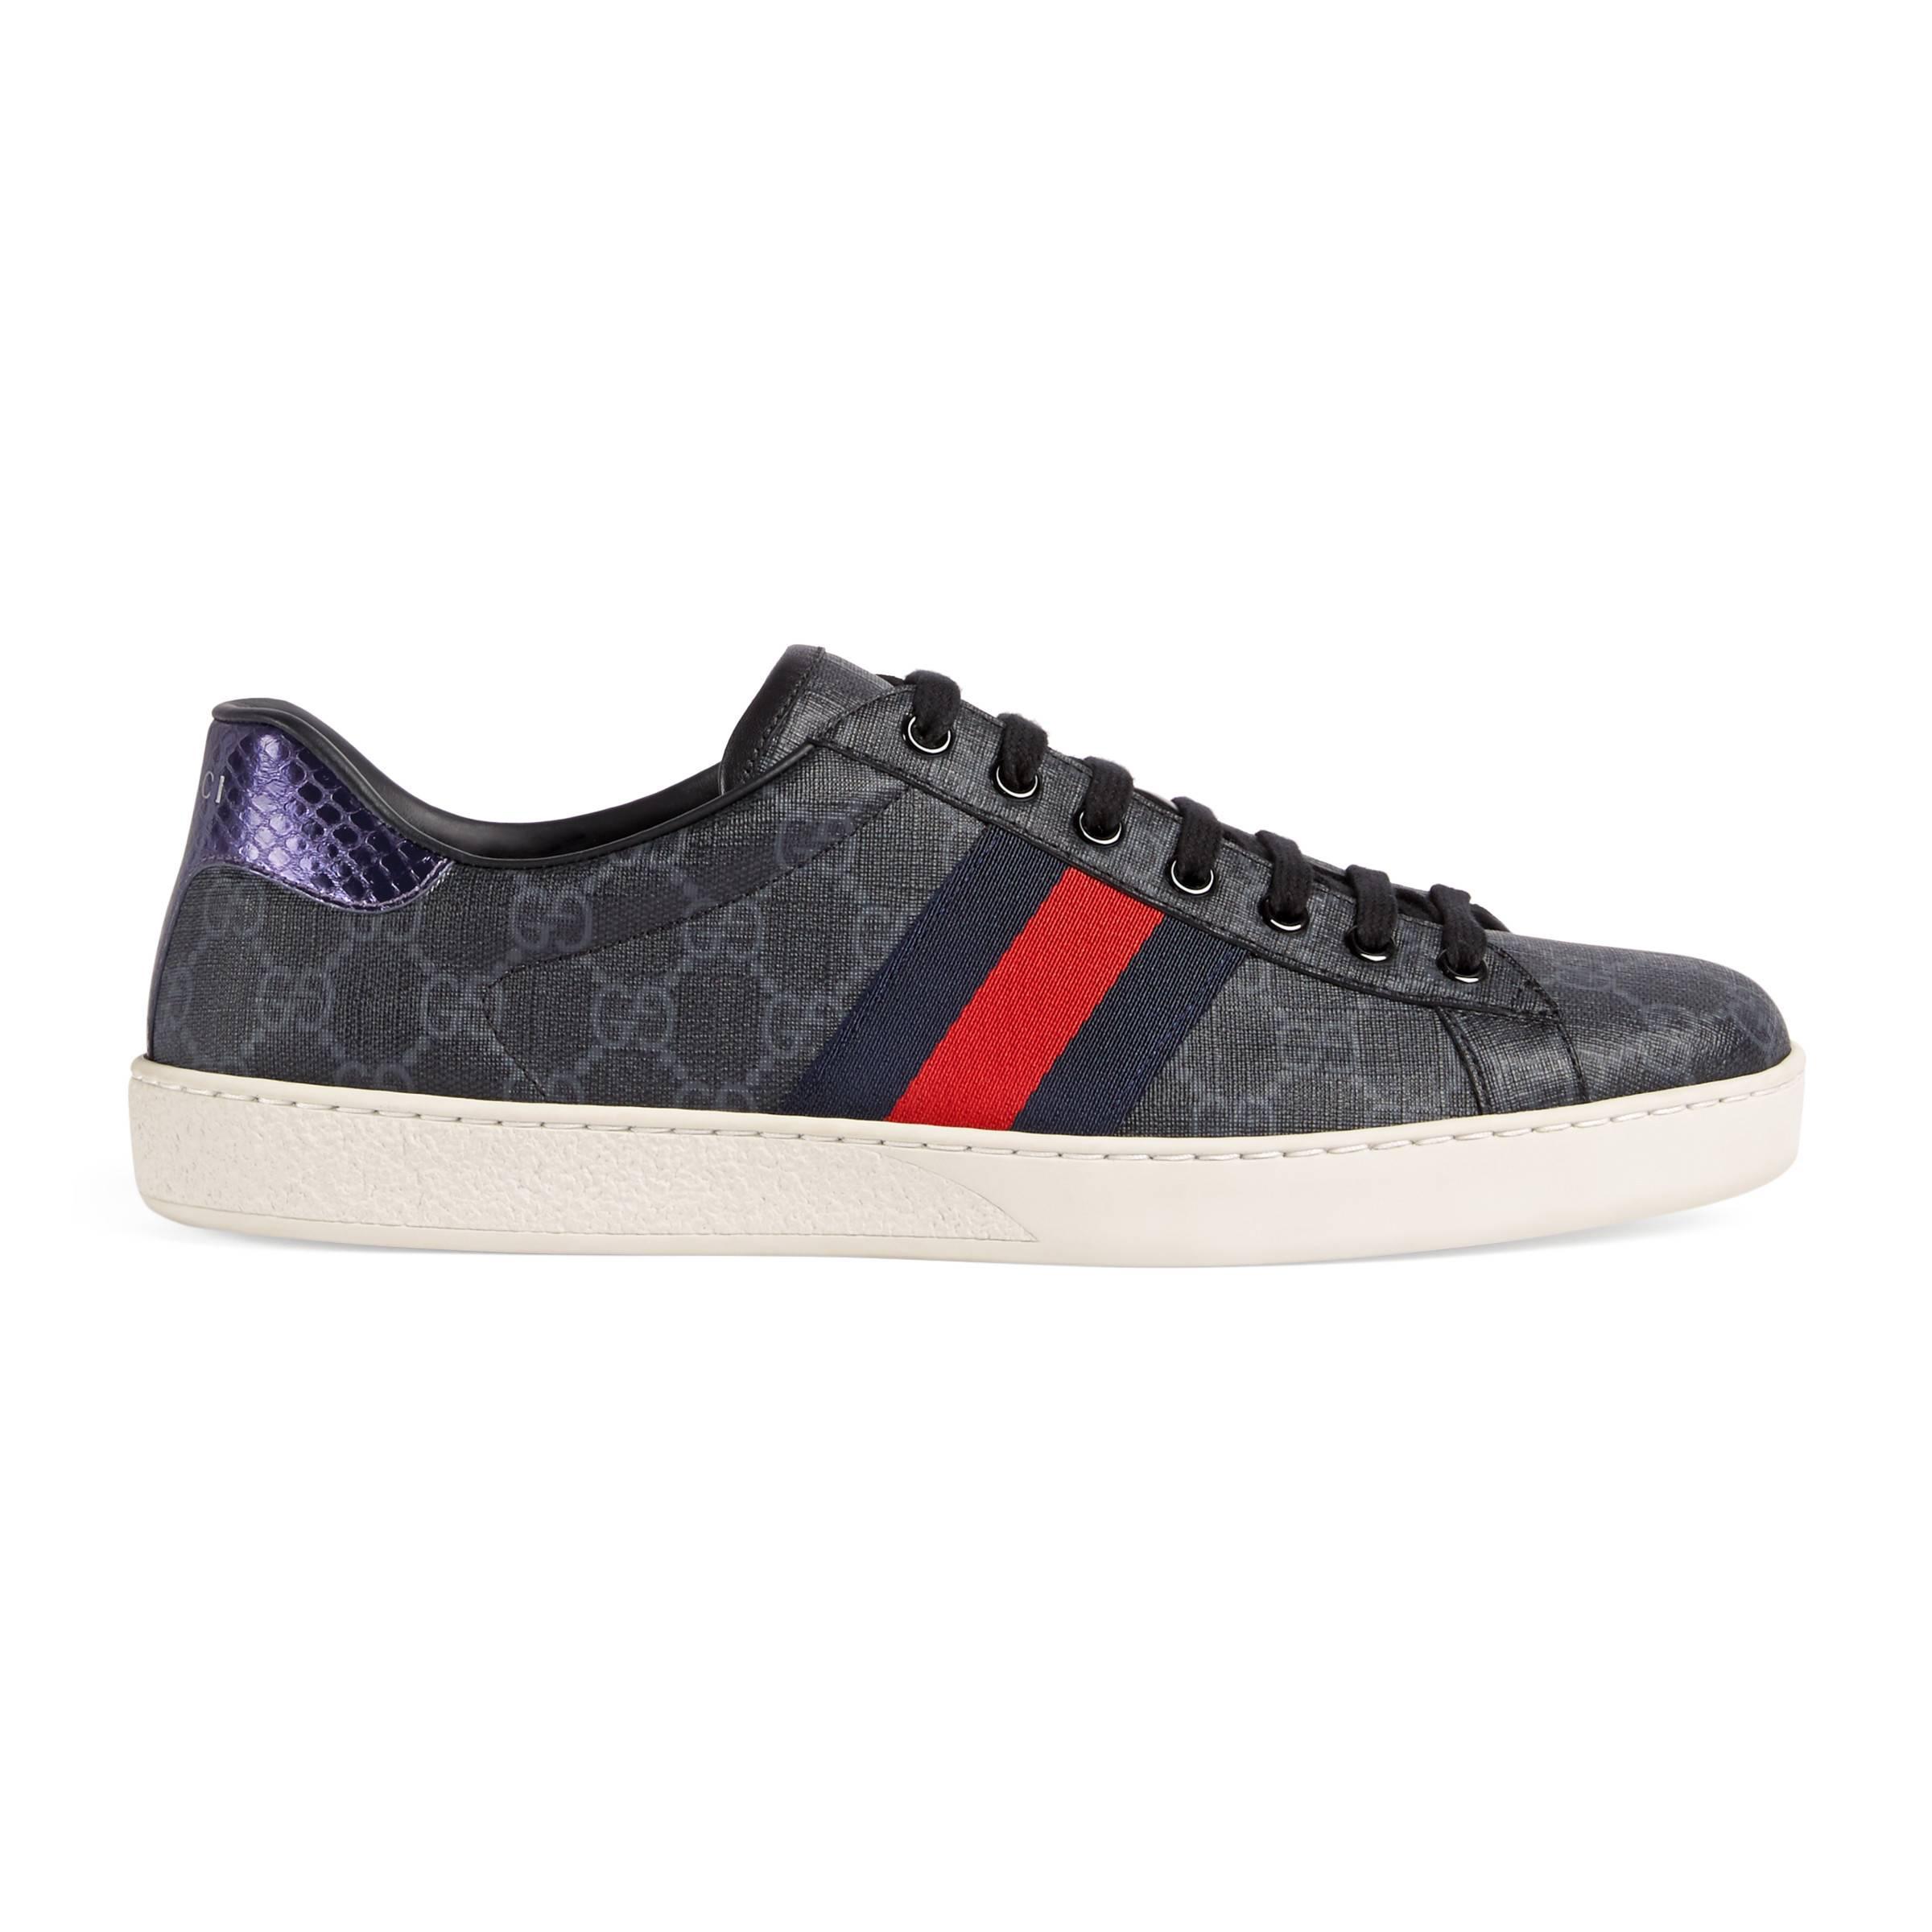 6189980ab55 Lyst - Baskets Ace GG Supreme Gucci pour homme en coloris Noir - 44 ...